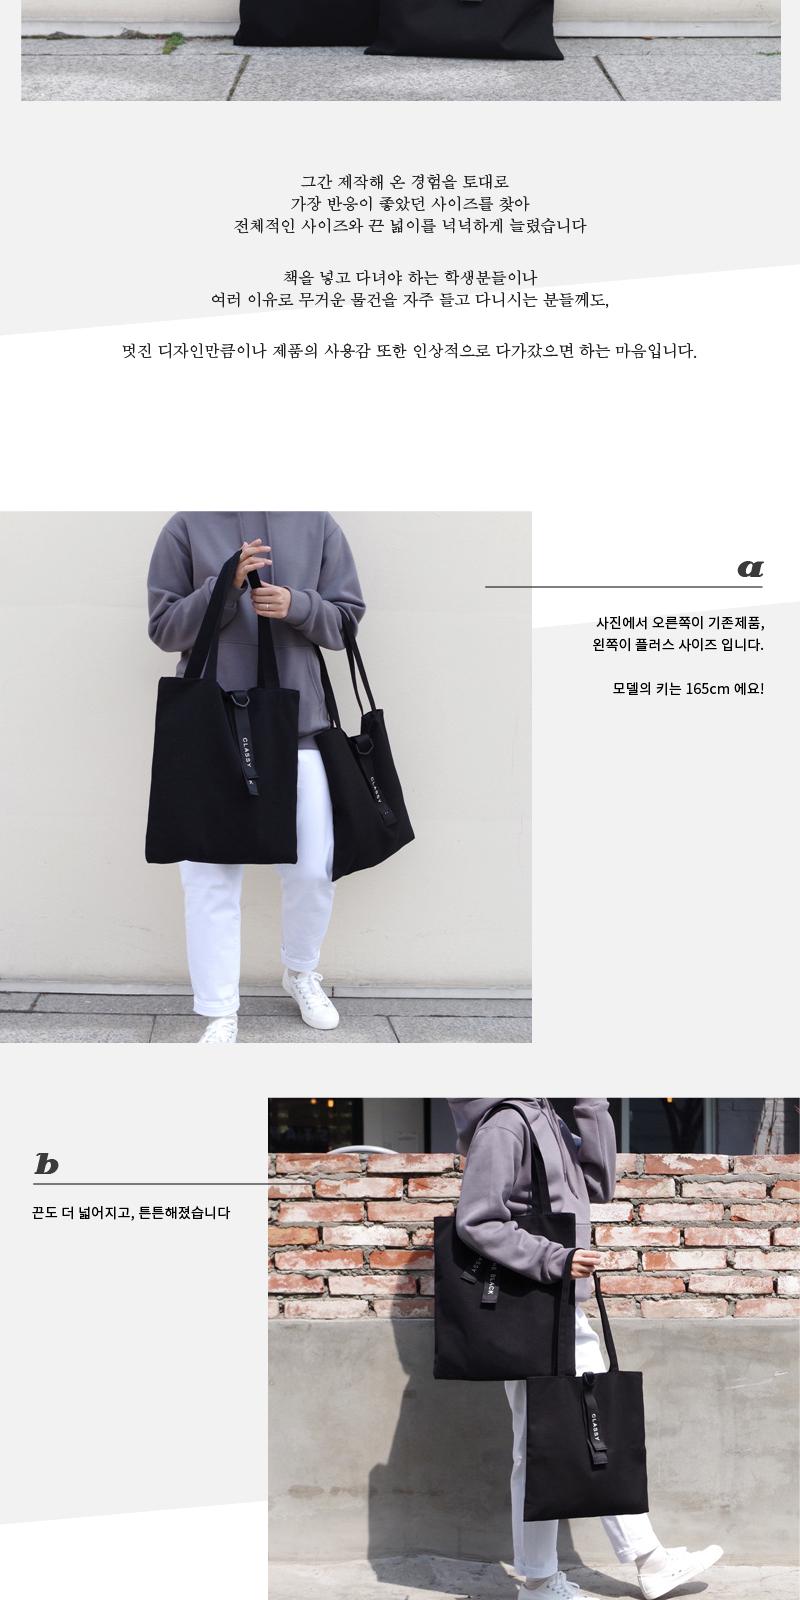 (플러스 사이즈) 클래시 블랙 코튼 백 - 아틱머메이드, 28,000원, 캔버스/에코백, 에코백